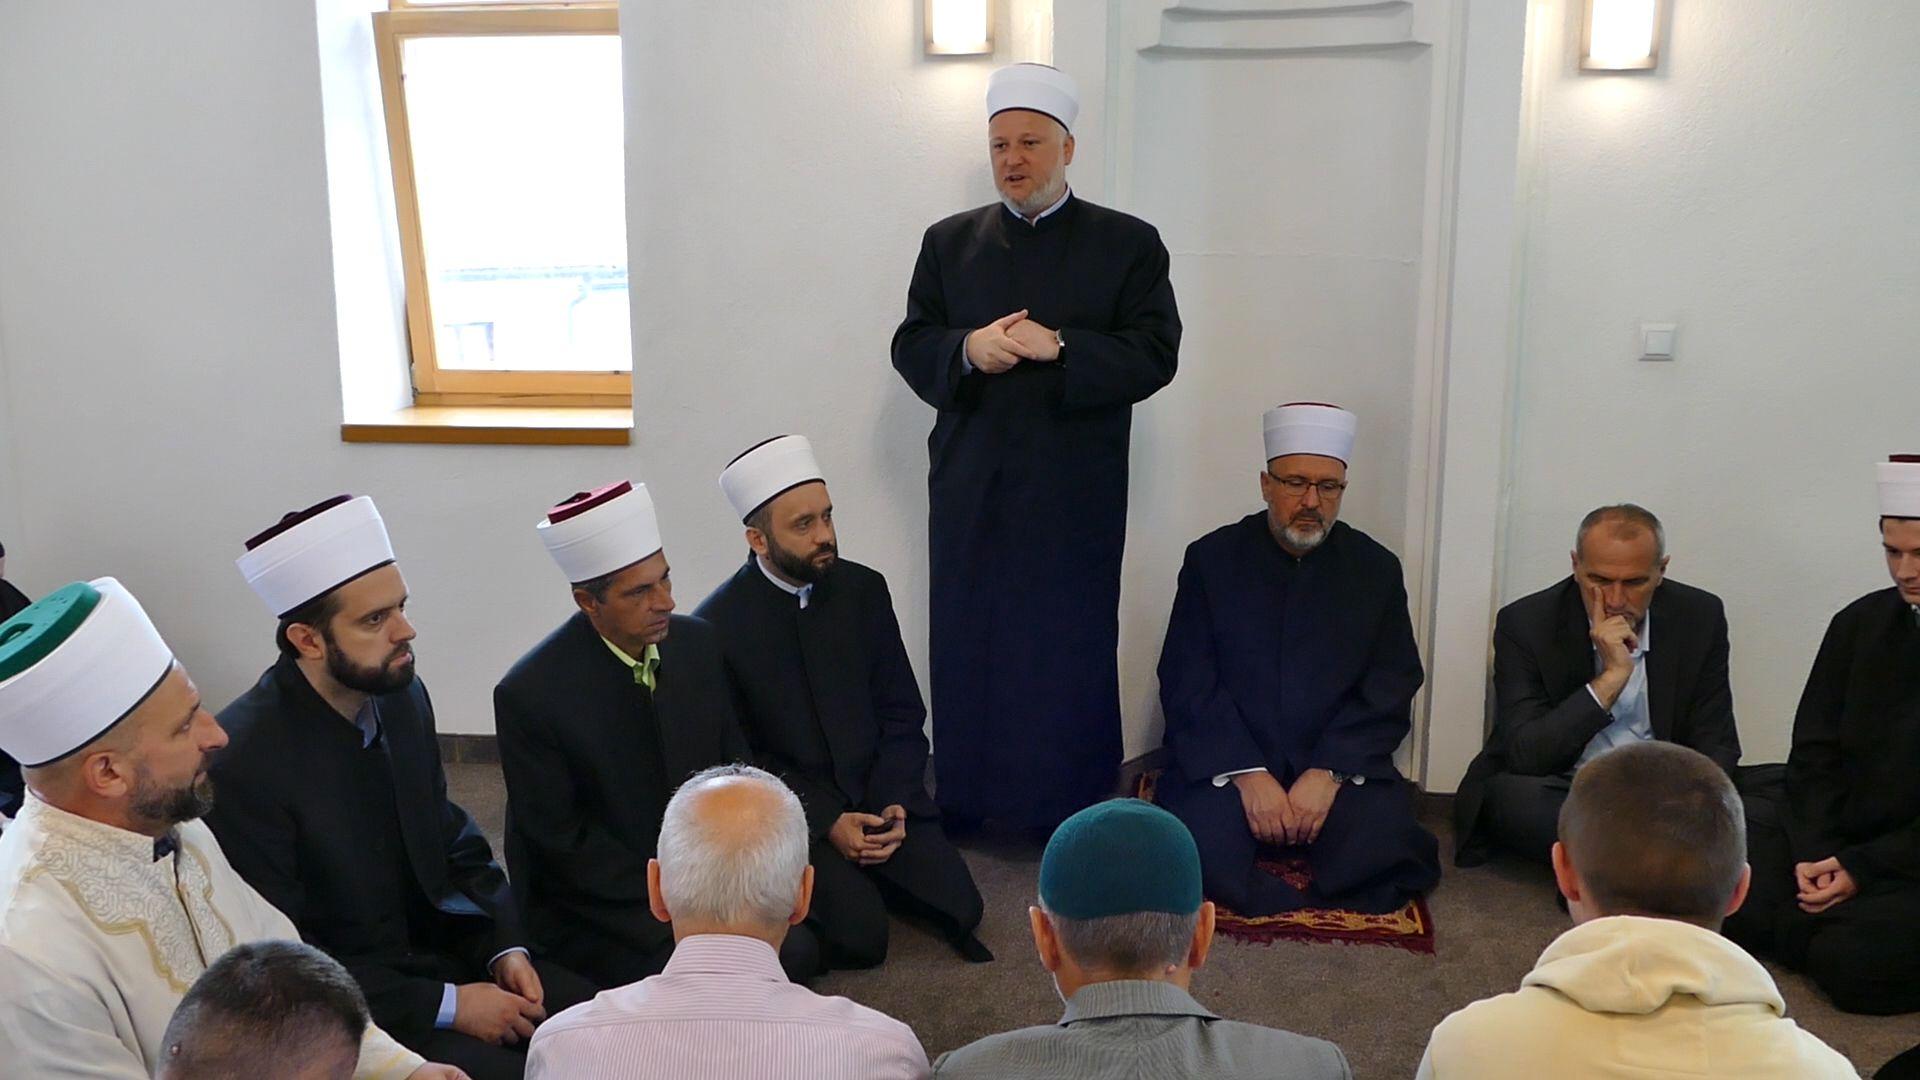 džamija slika 30